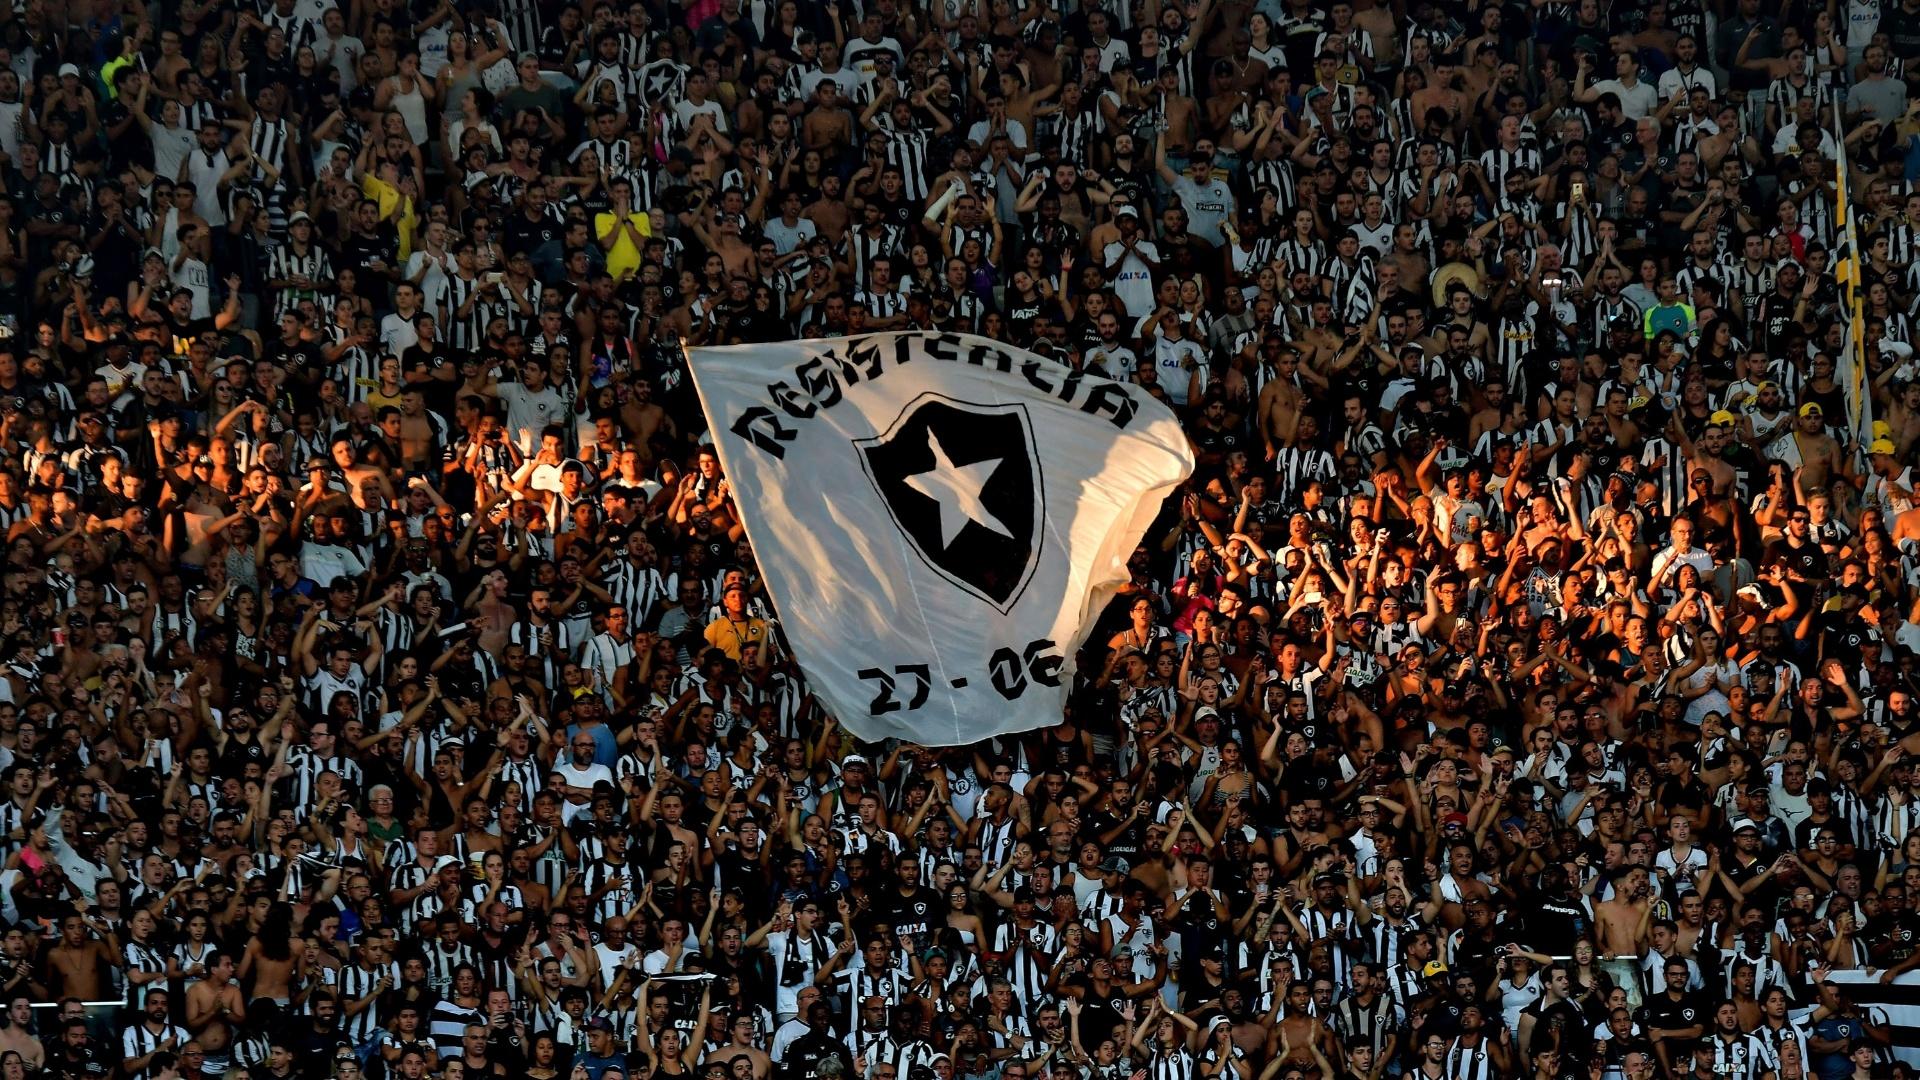 Torcida do Botafogo faz festa em jogo diante do Vasco pelas finais do Campeonato Carioca 2018